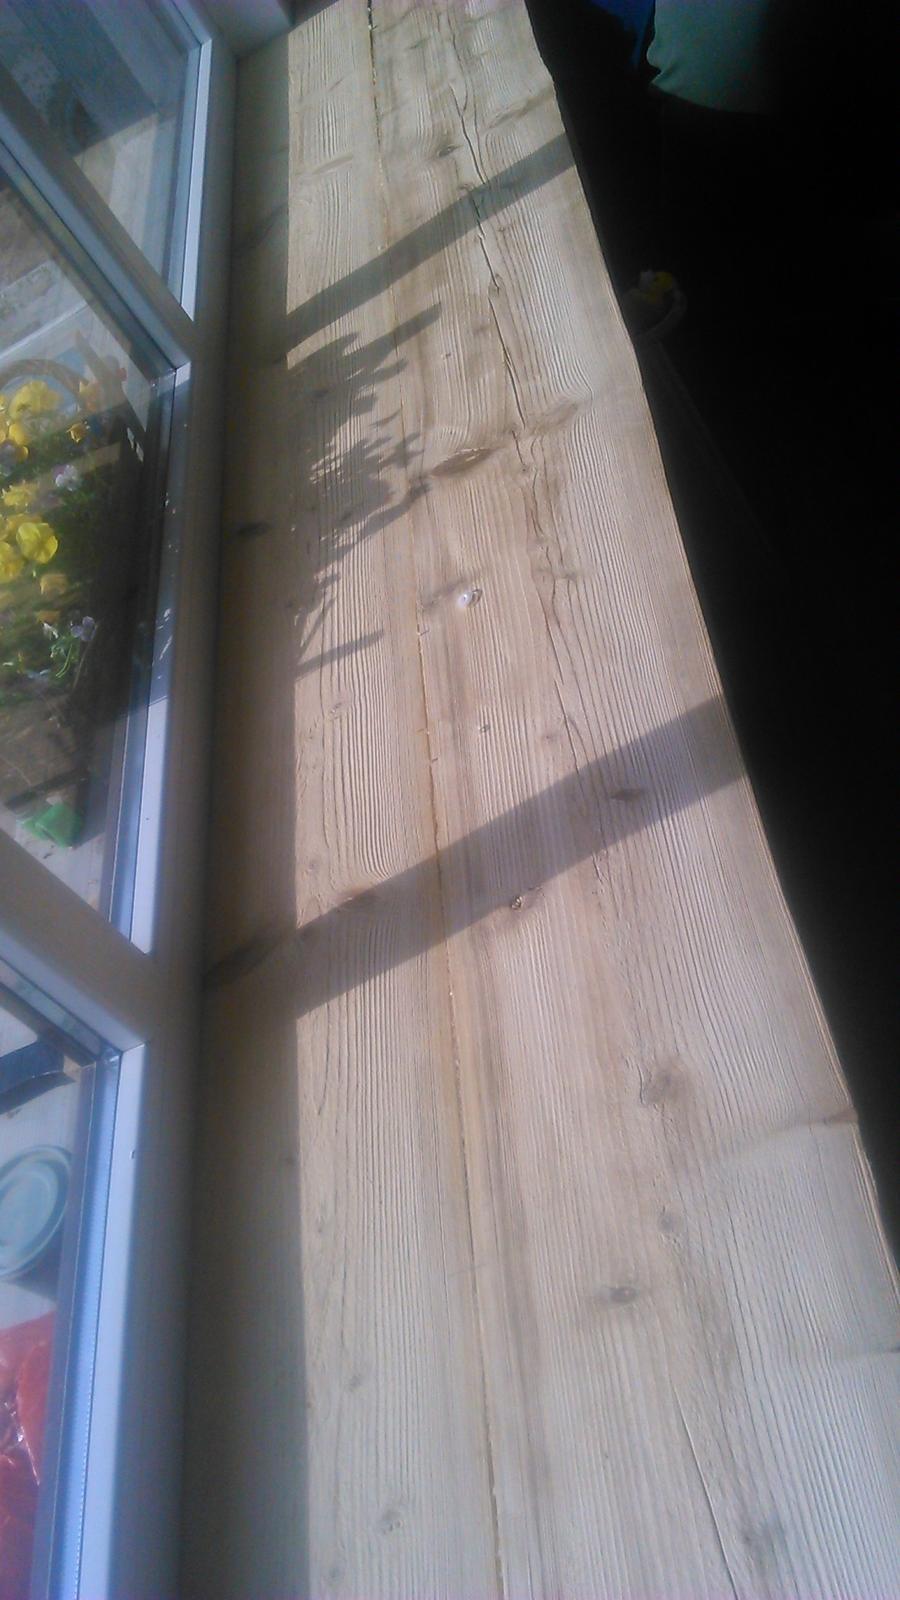 Ako sme vyrábali sedíliu po našom. Z materiálu....čo dom dal :-) - Vykartáčovaná, ešte nenatretá foršňa....čiže vrchná doska